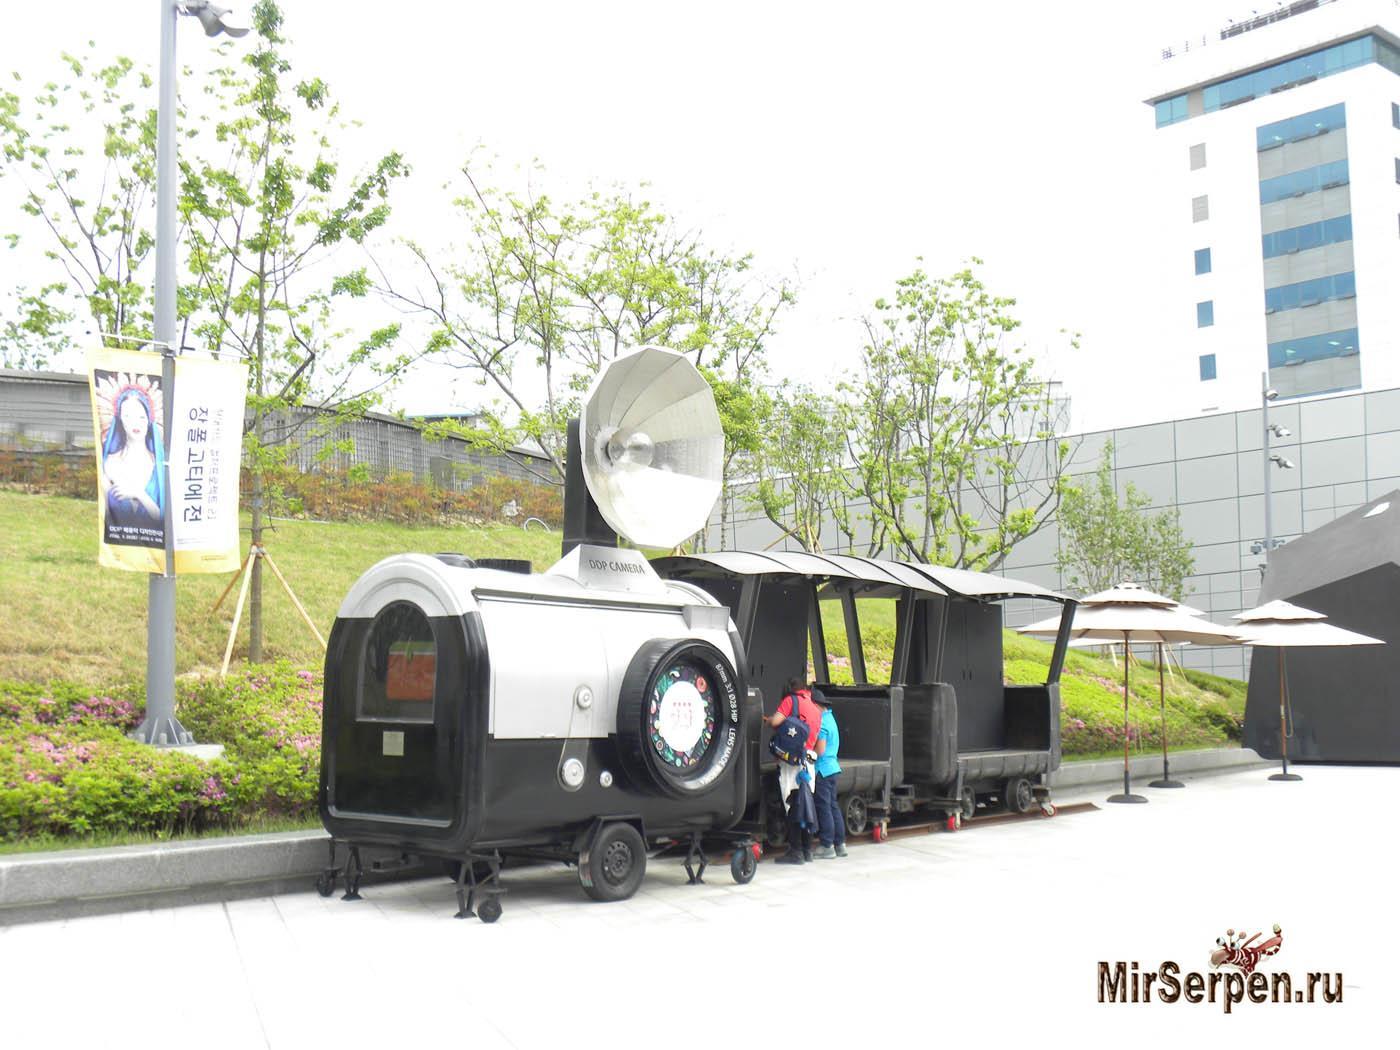 Photo of Фотографирование корейцев в Южной Корее